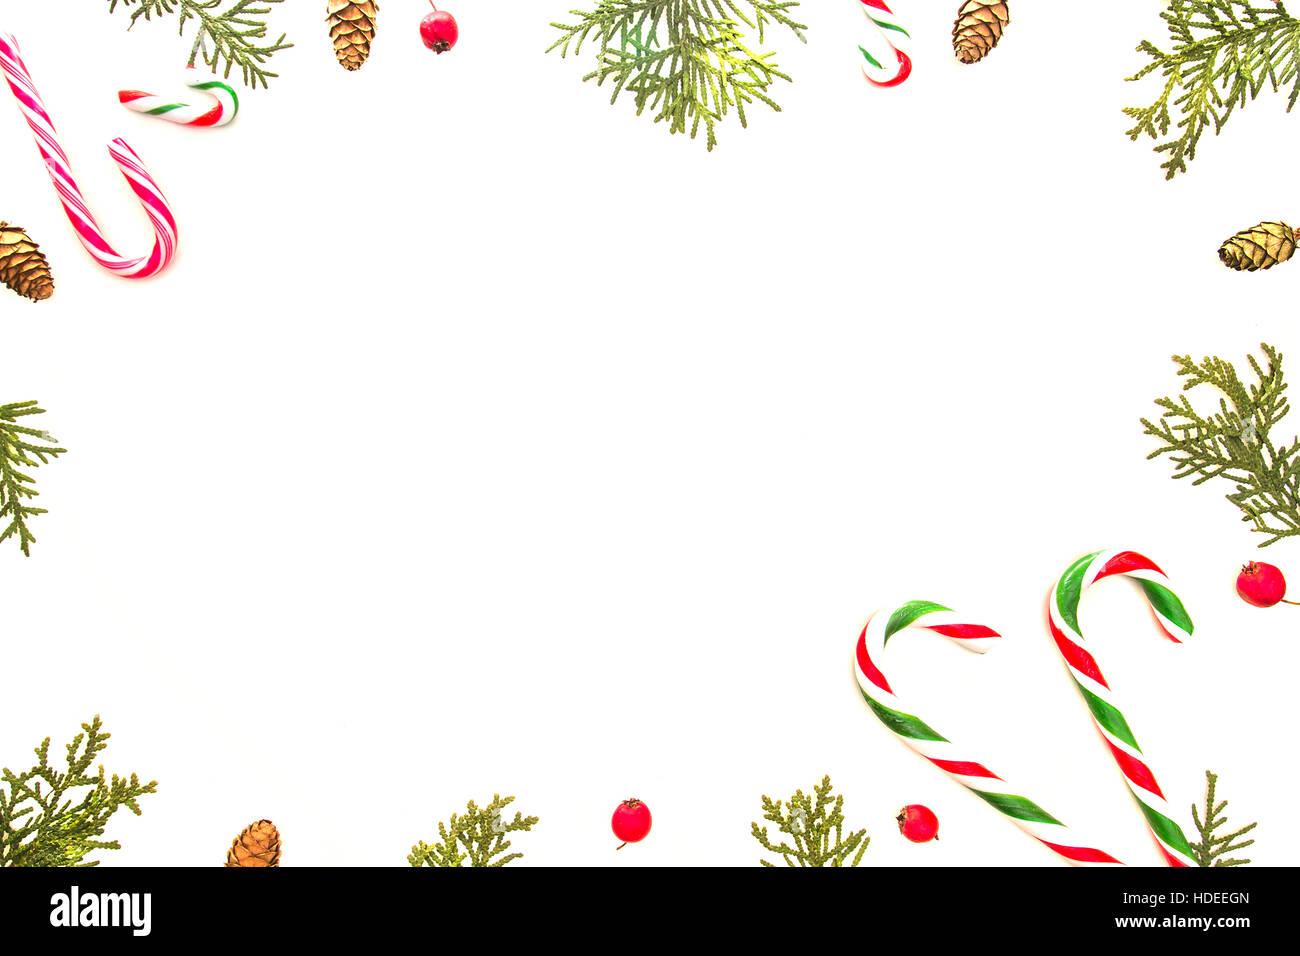 Weihnachten-Zusammensetzung auf weißem Hintergrund. Xmas-Rahmen mit ...